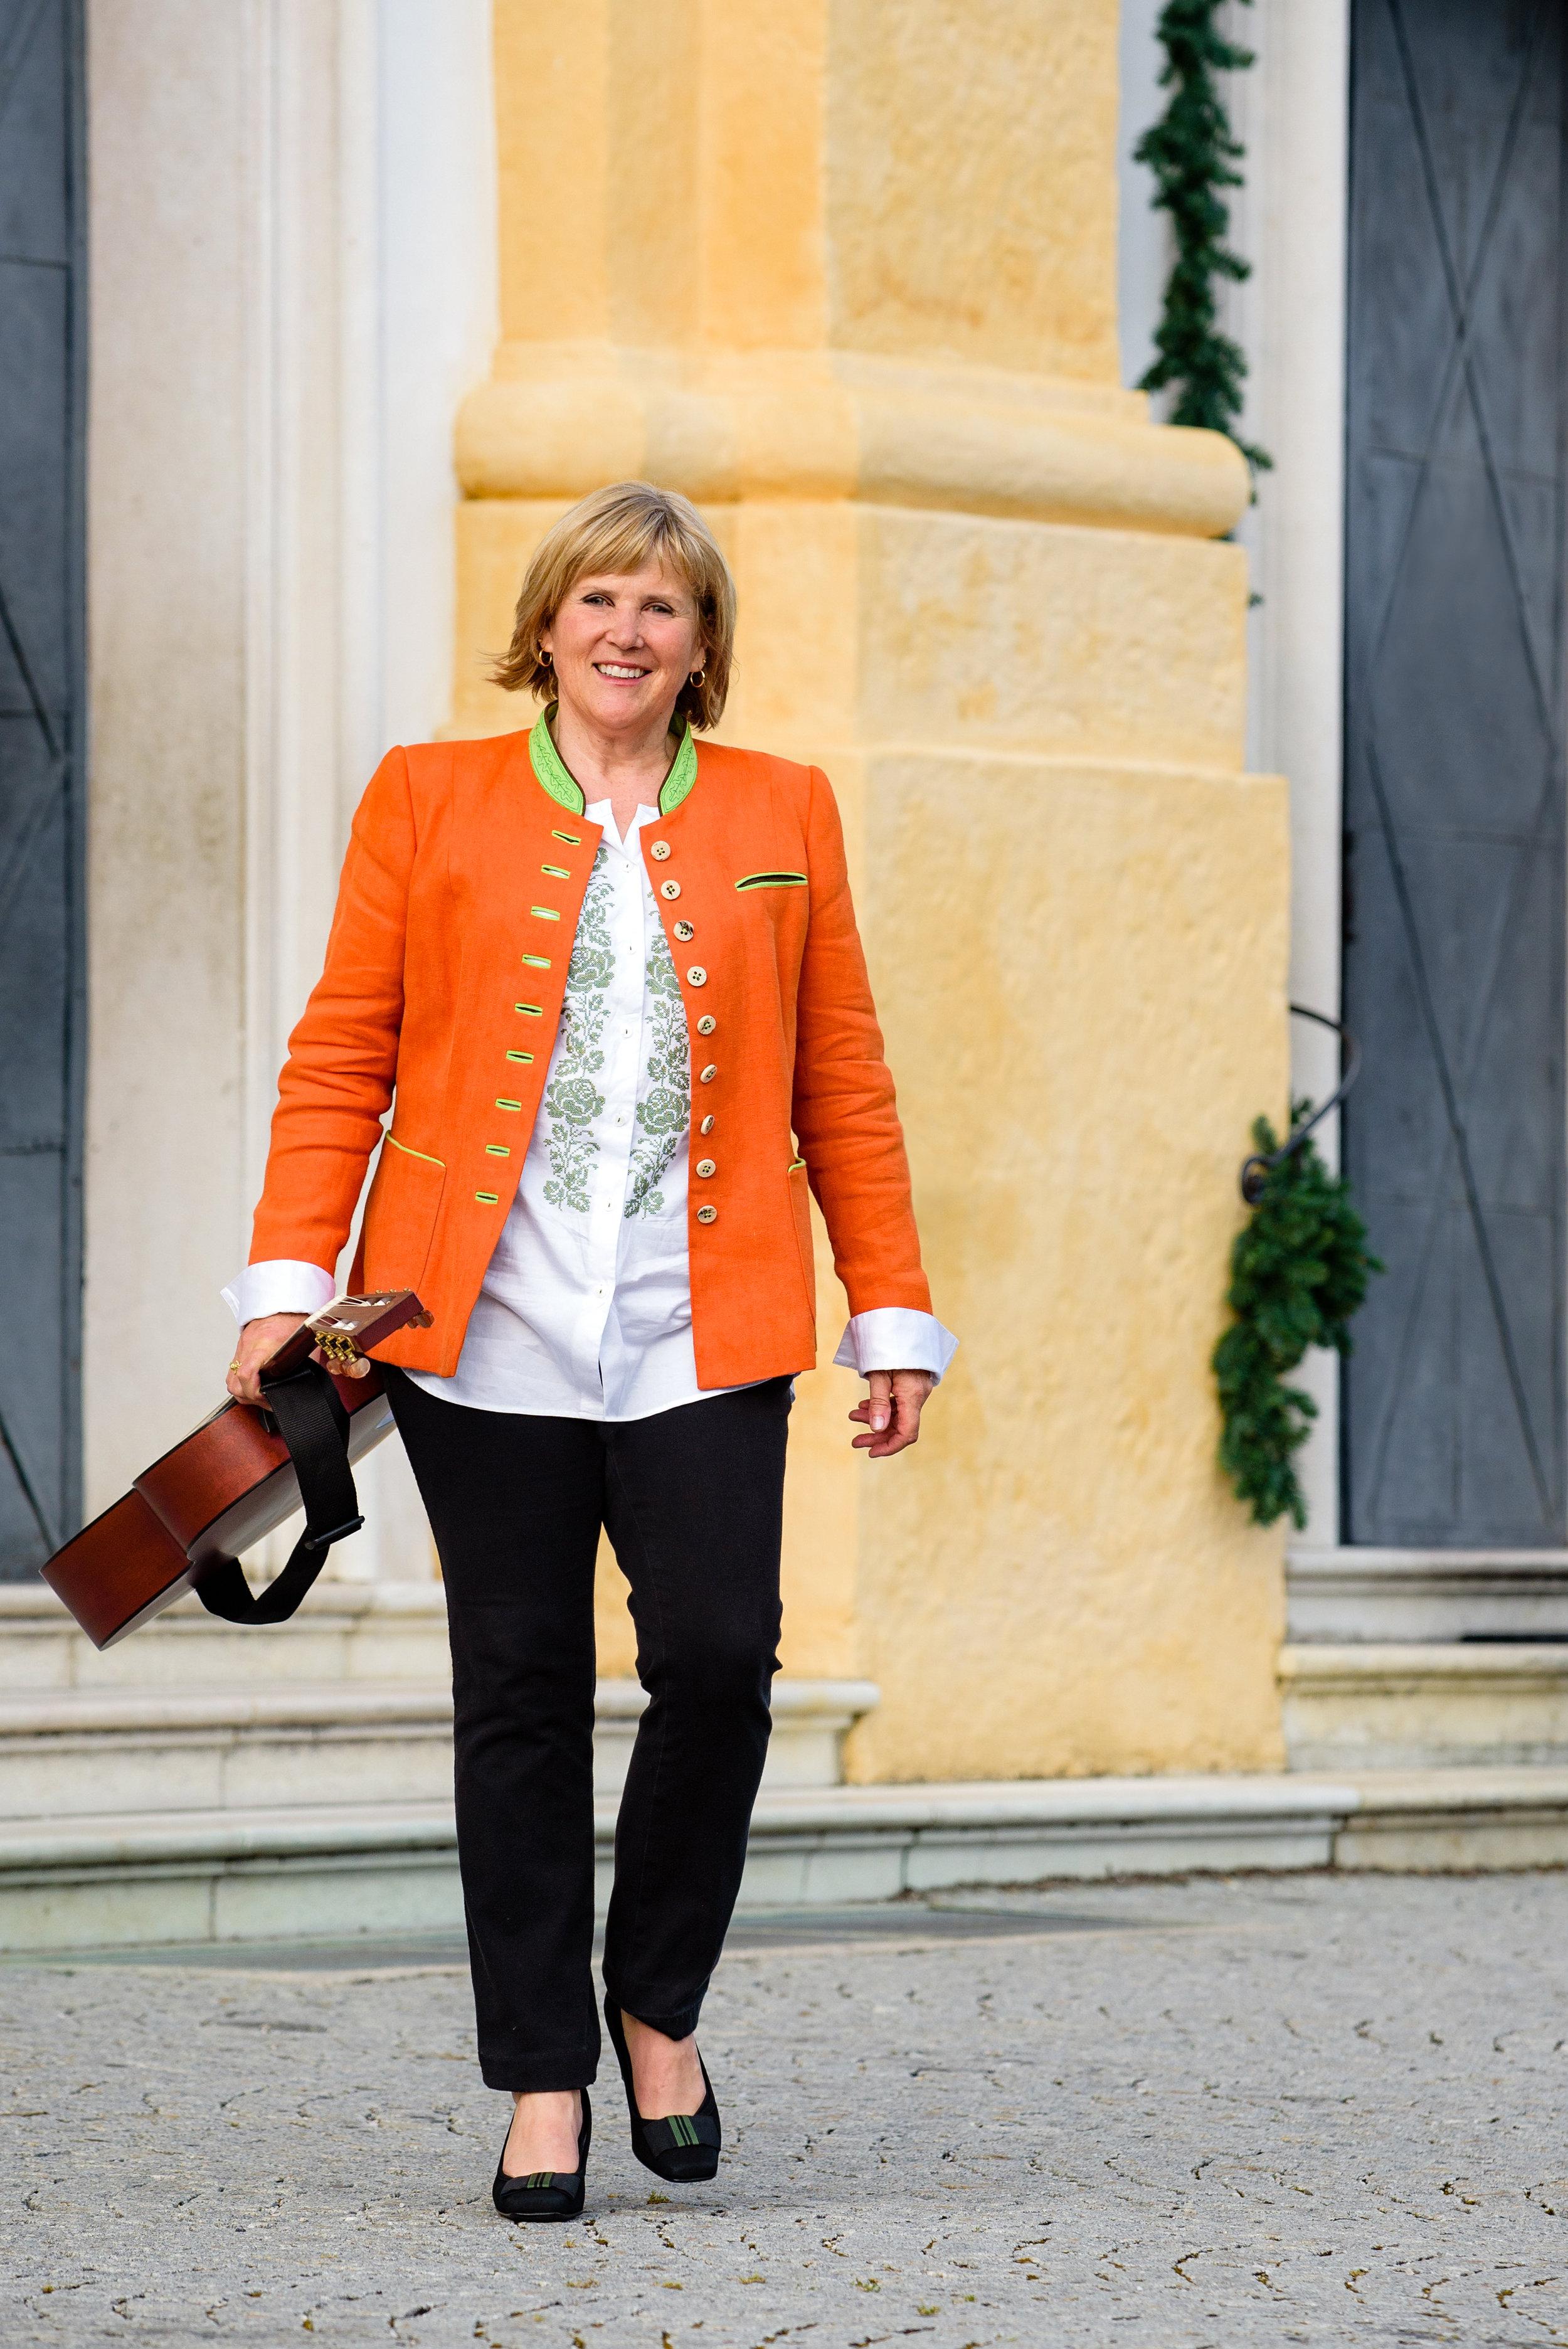 Salzburg Orange # 1 Final Hi-Res Photo.jpg